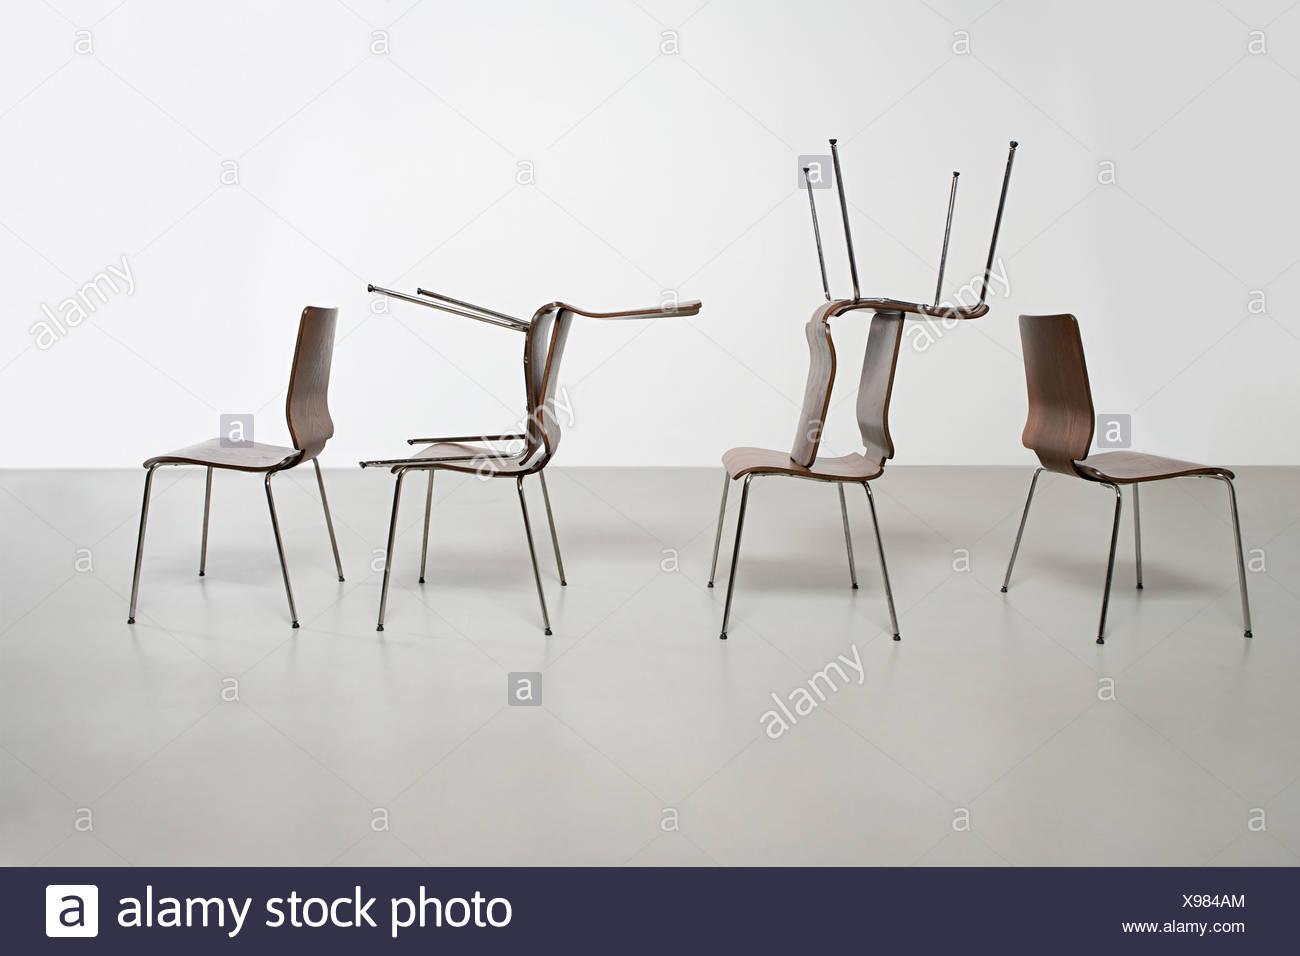 Dans l'arrangement des chaises Photo Stock